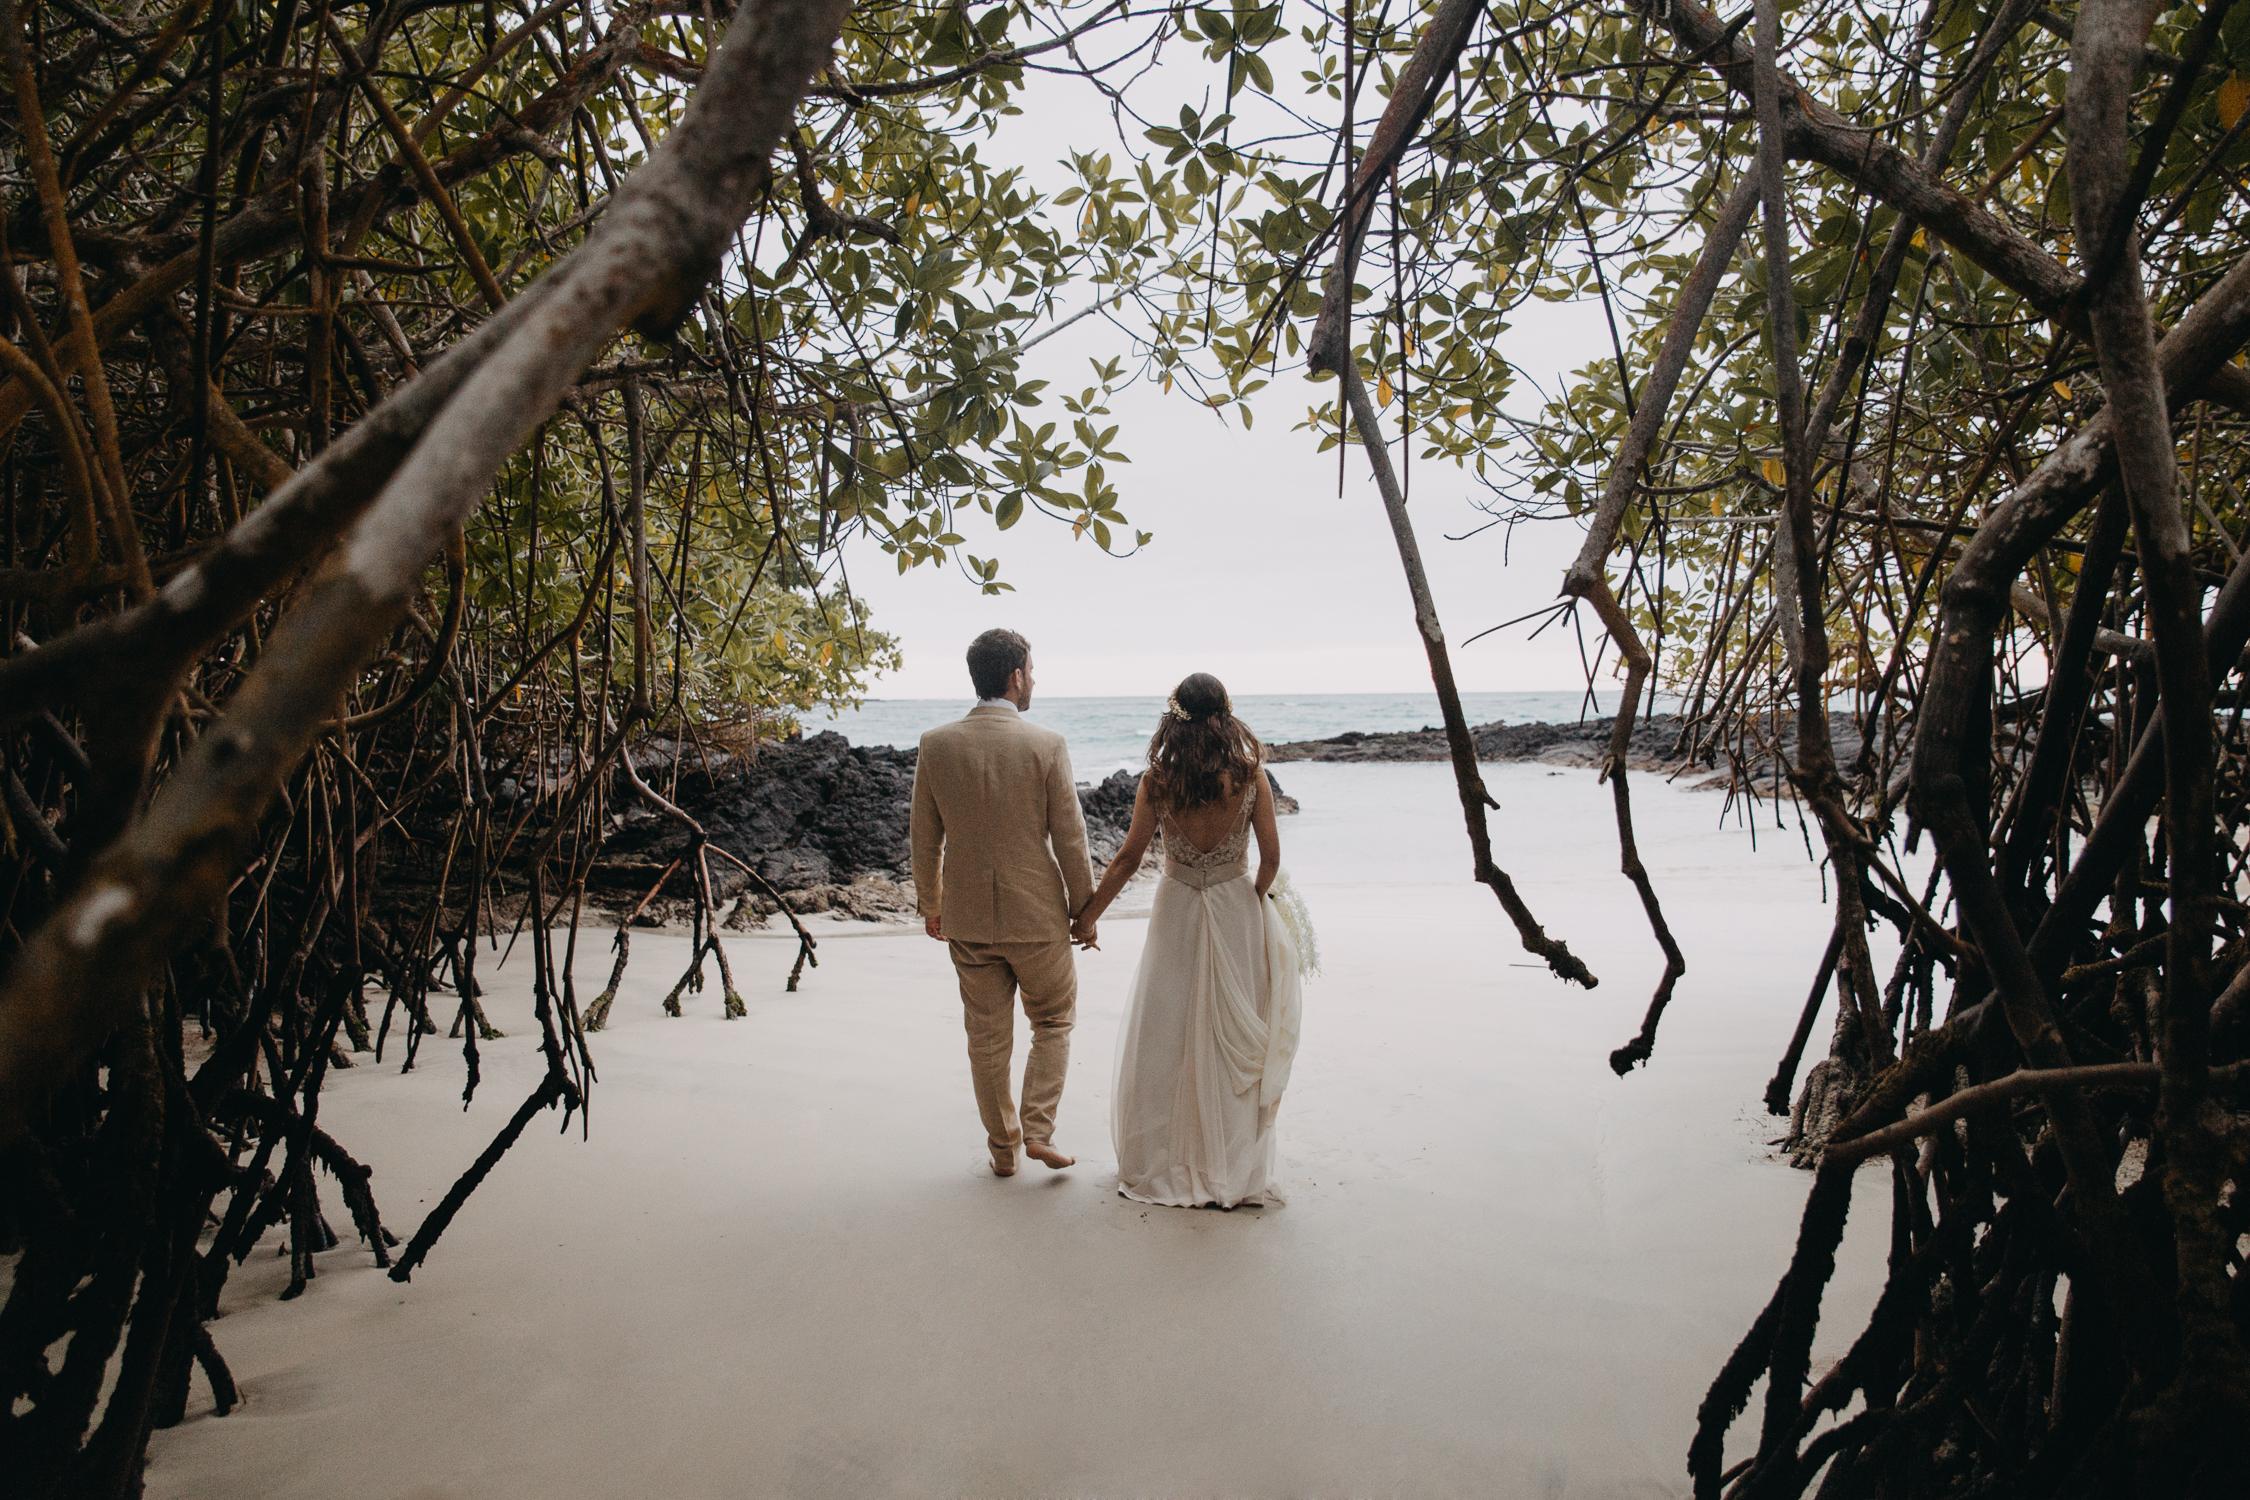 Michelle-Agurto-Fotografia-Bodas-Ecuador-Destination-Wedding-Photographer-Galapagos-Andrea-Joaquin-220.JPG